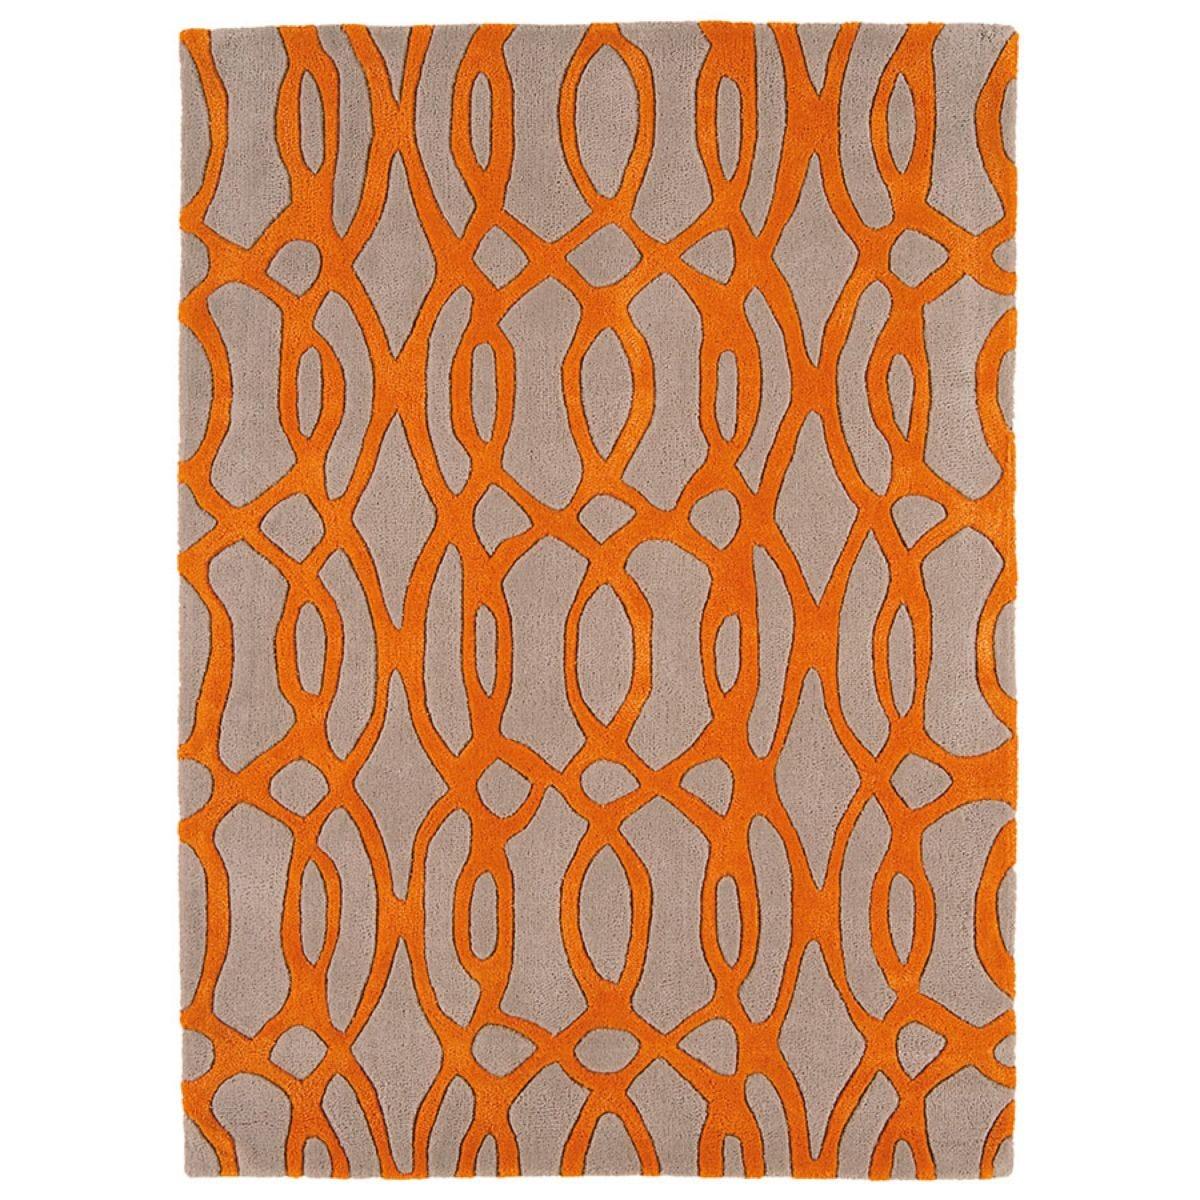 Asiatic Matrix Rug, 160 x 230cm - Orange